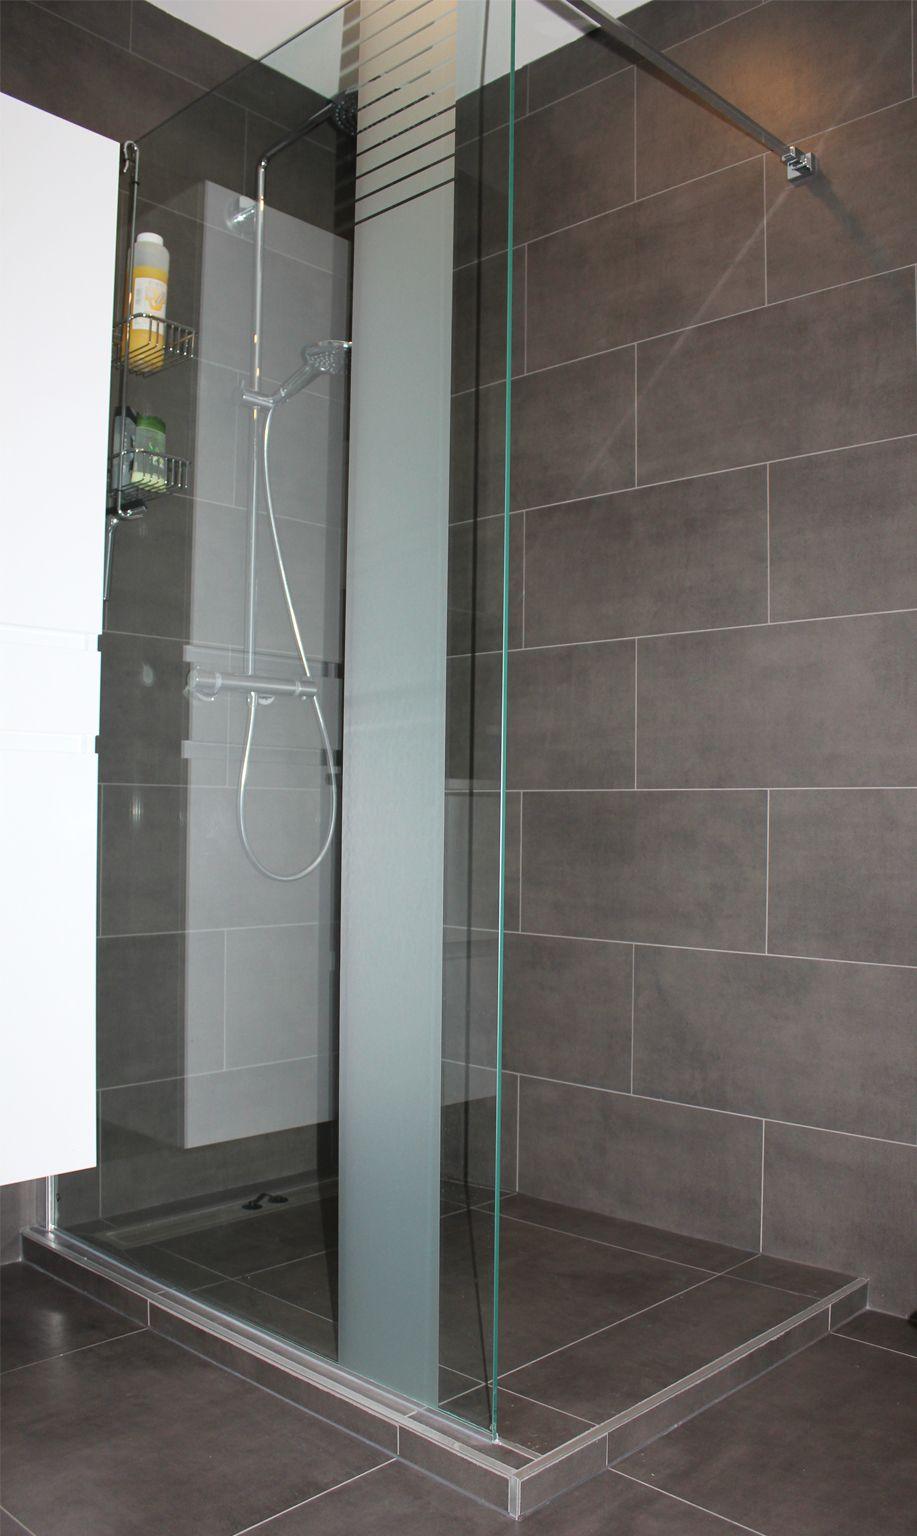 betegelde inloopdouche met glazen scherm bathroom pinterest